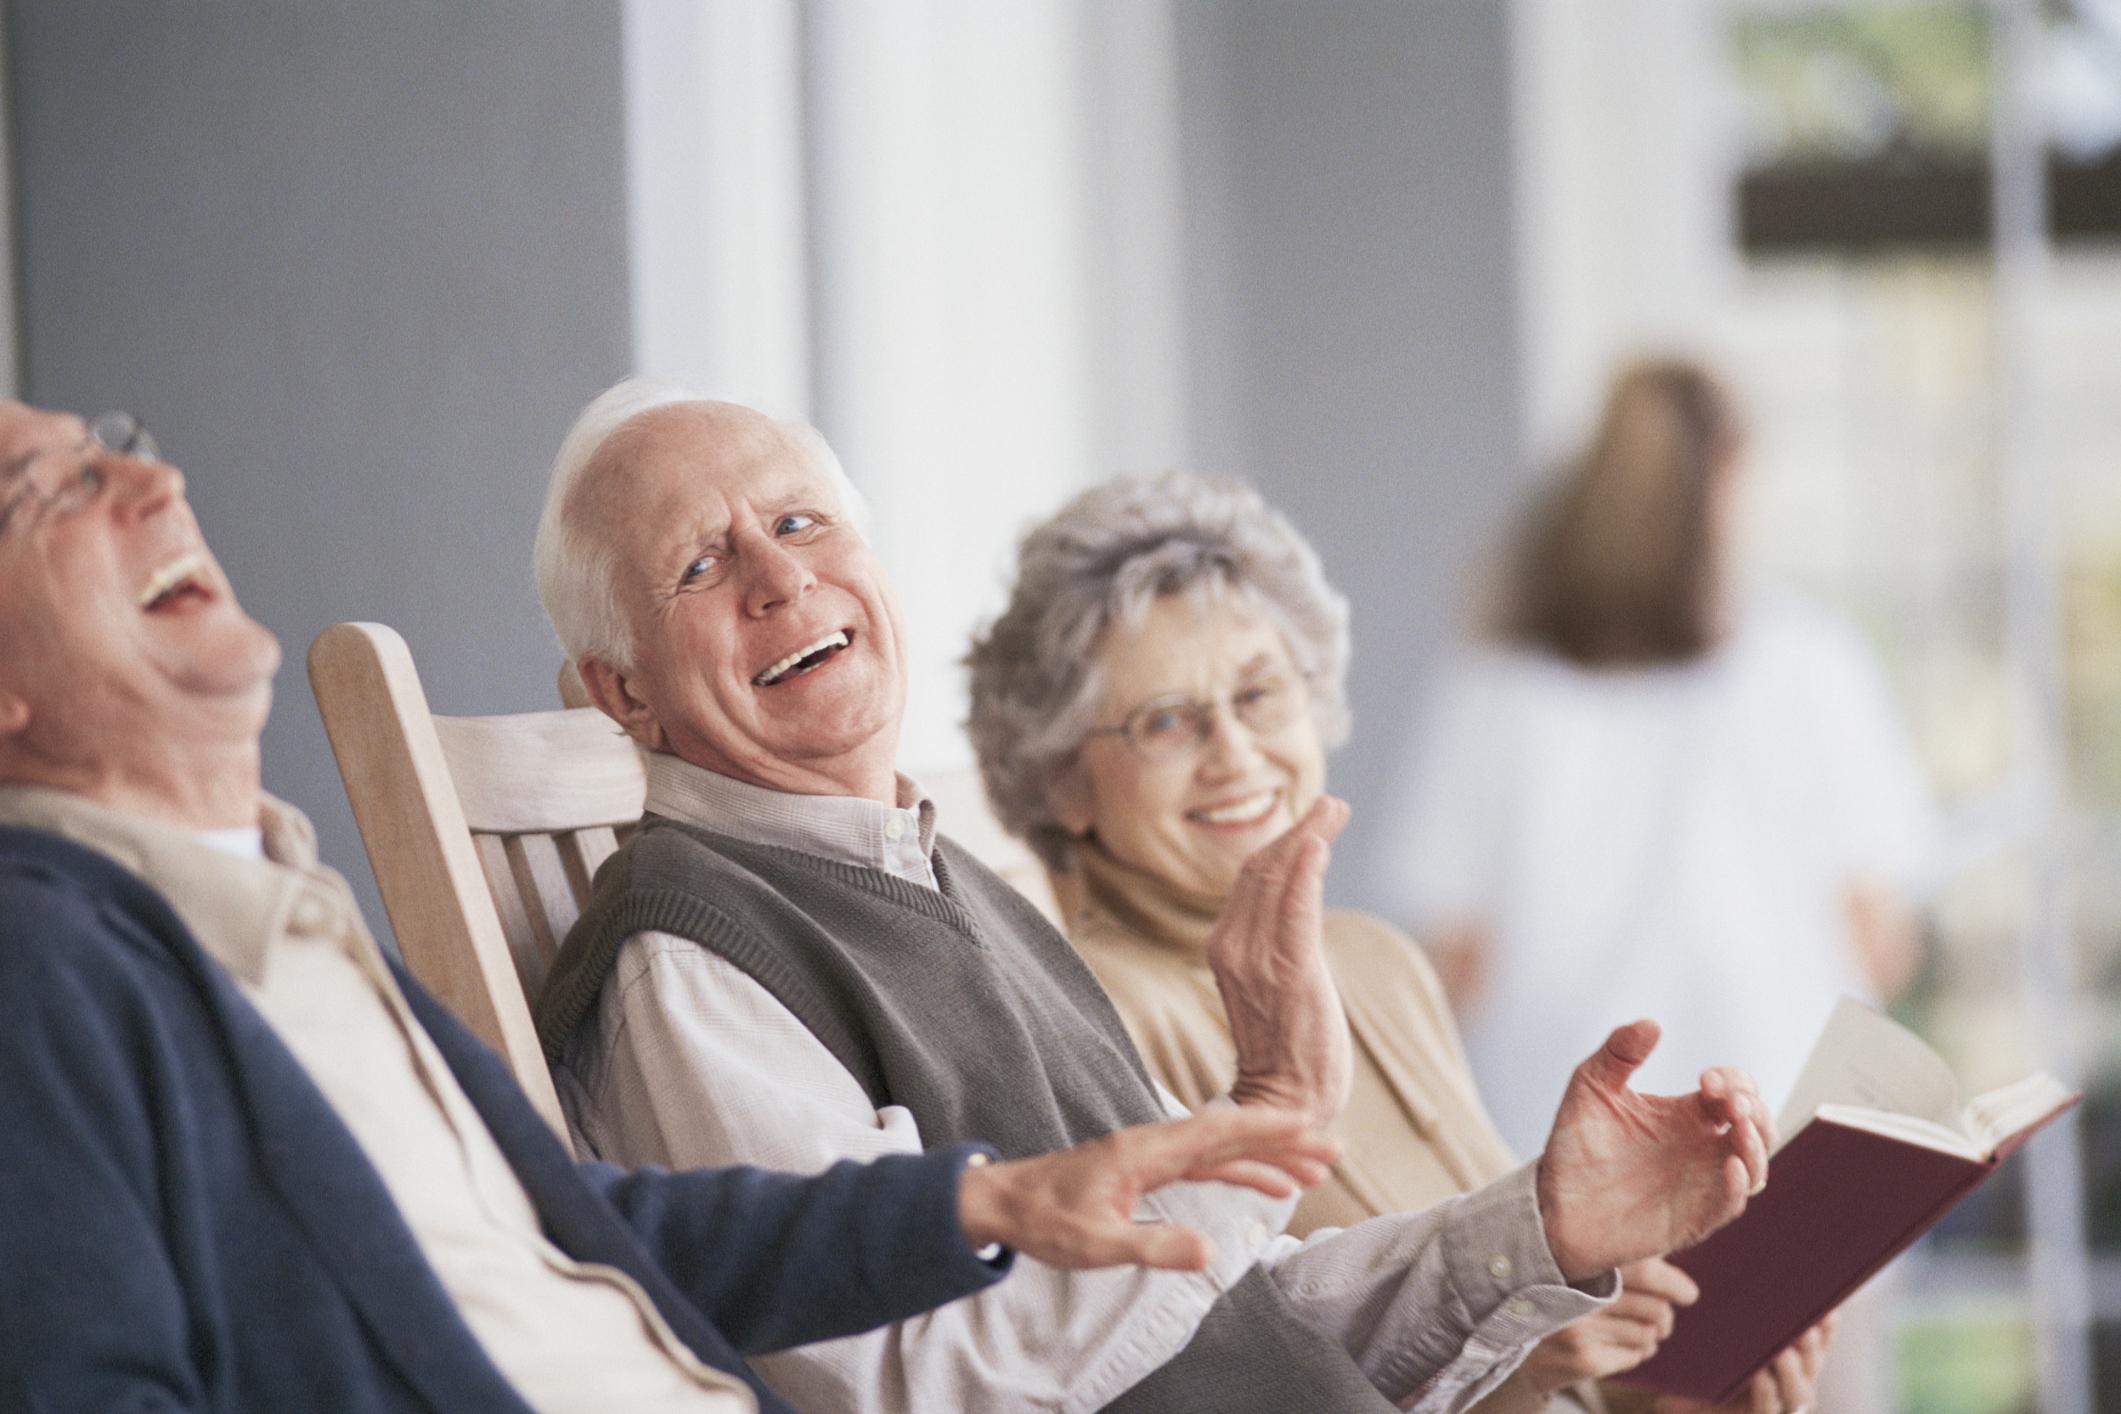 Мы создаем условия для социокультурной реабилитации пожилых людей в соответствии с их возможностями и потребностями в общении, чтении, прогулках и т.д.